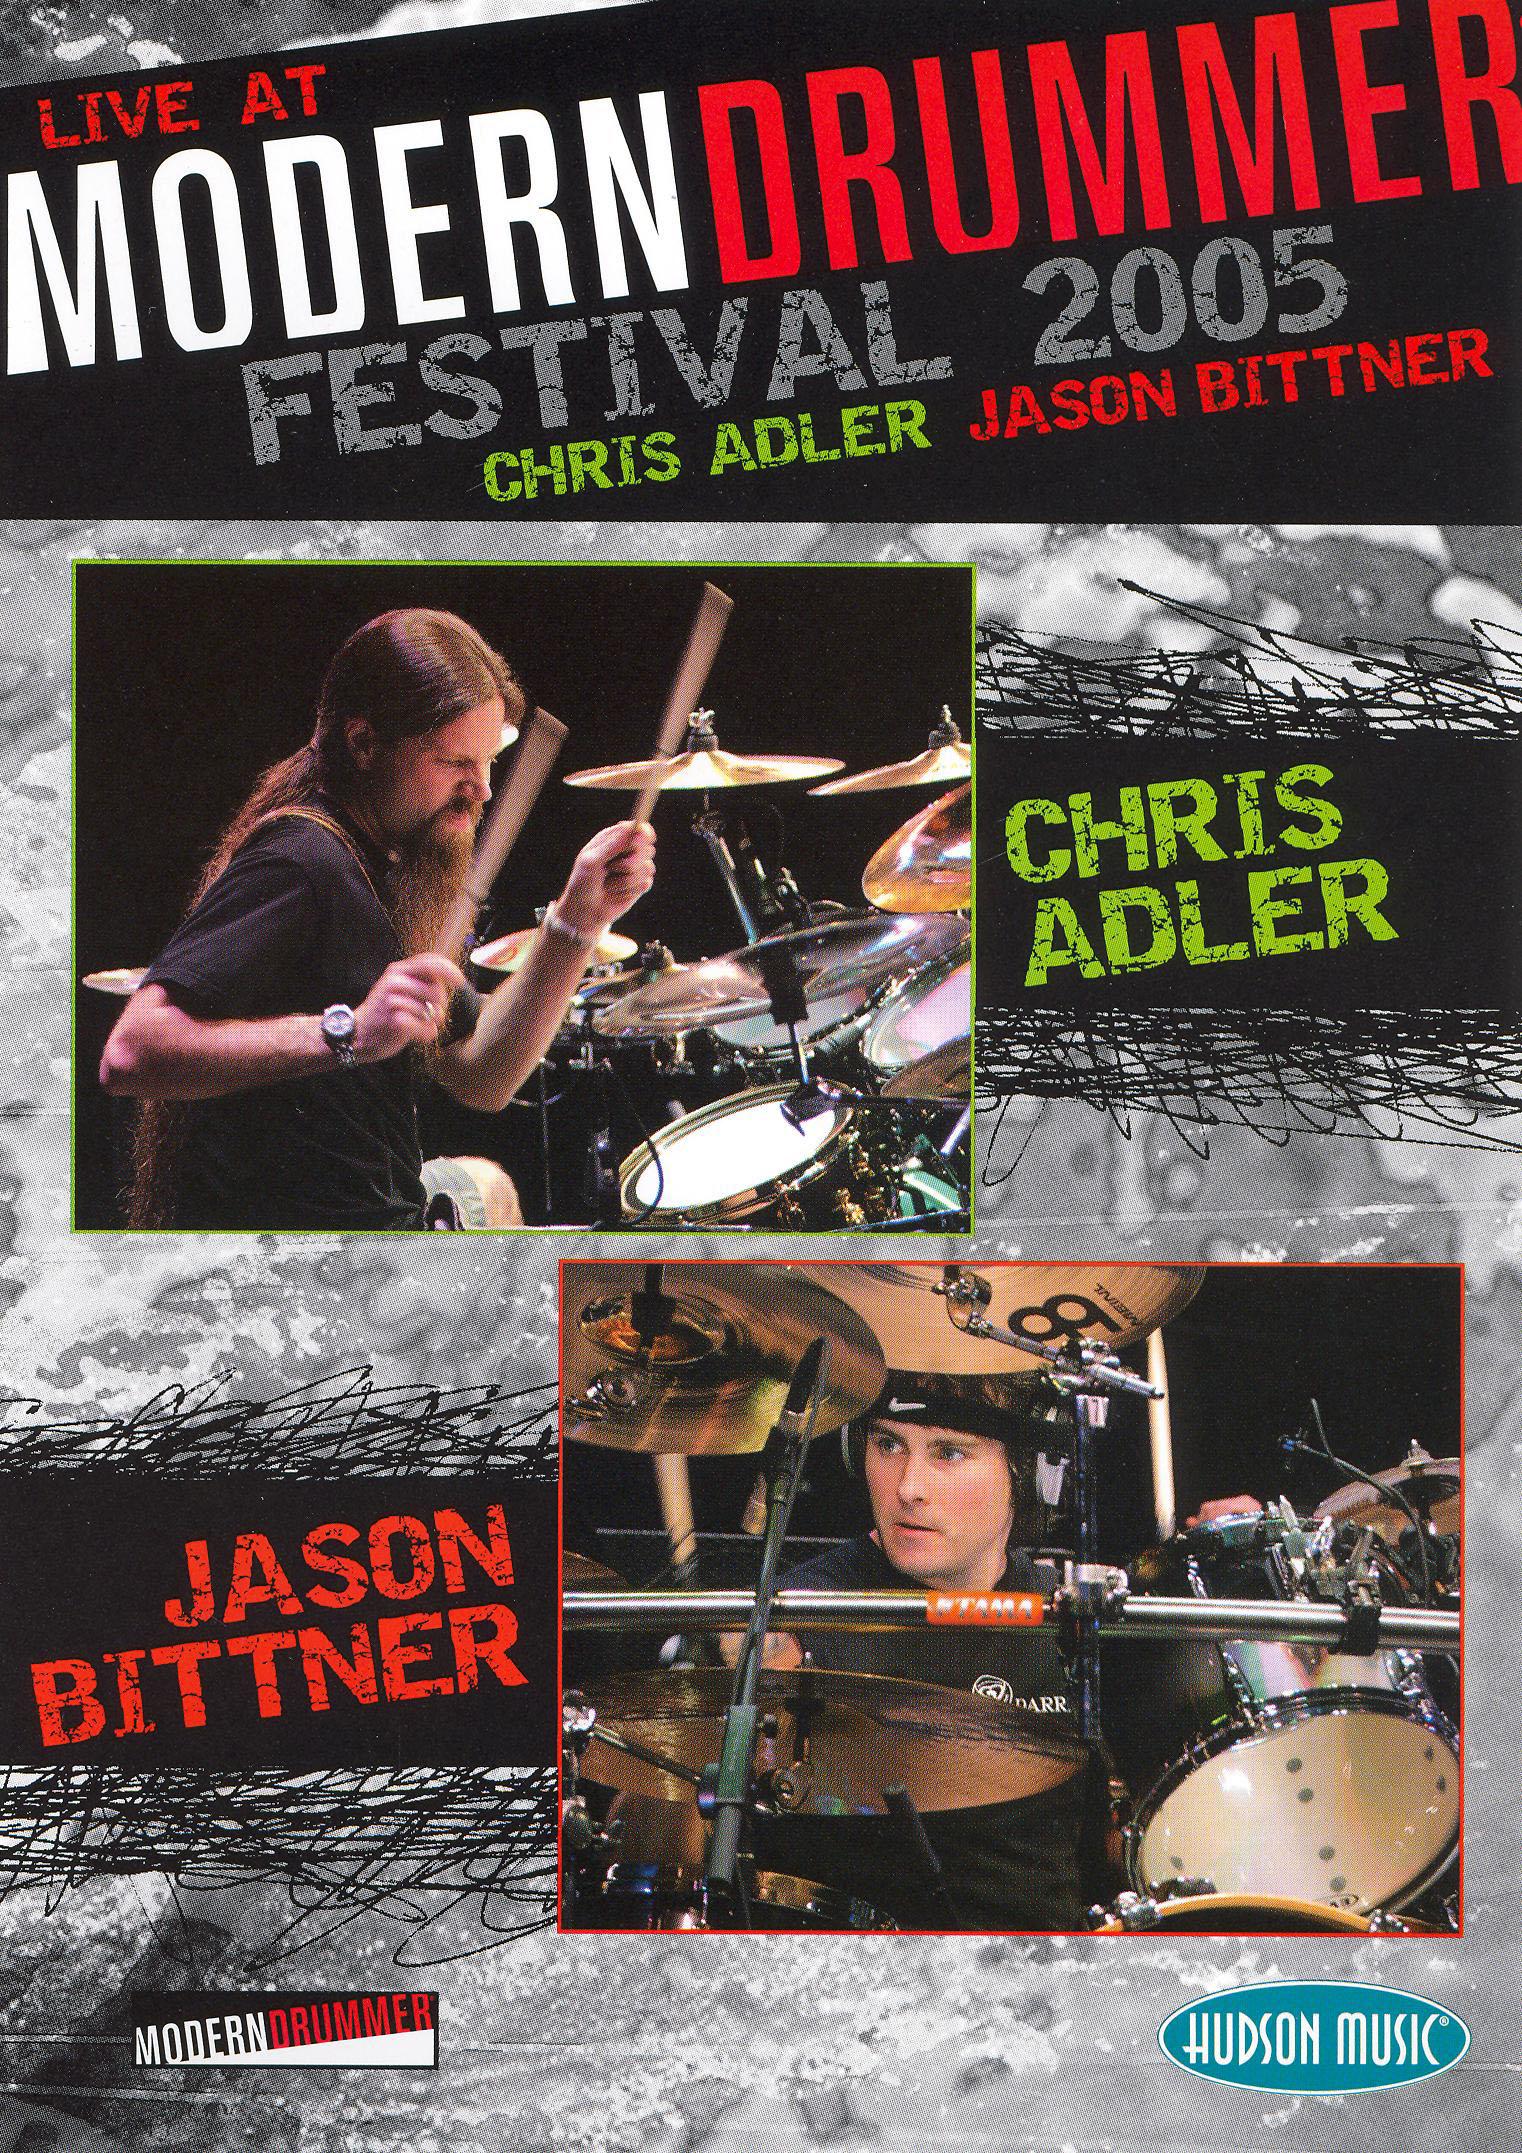 Chris Adler and Jason Bittner: Live at Modern Drummer Festival 2005